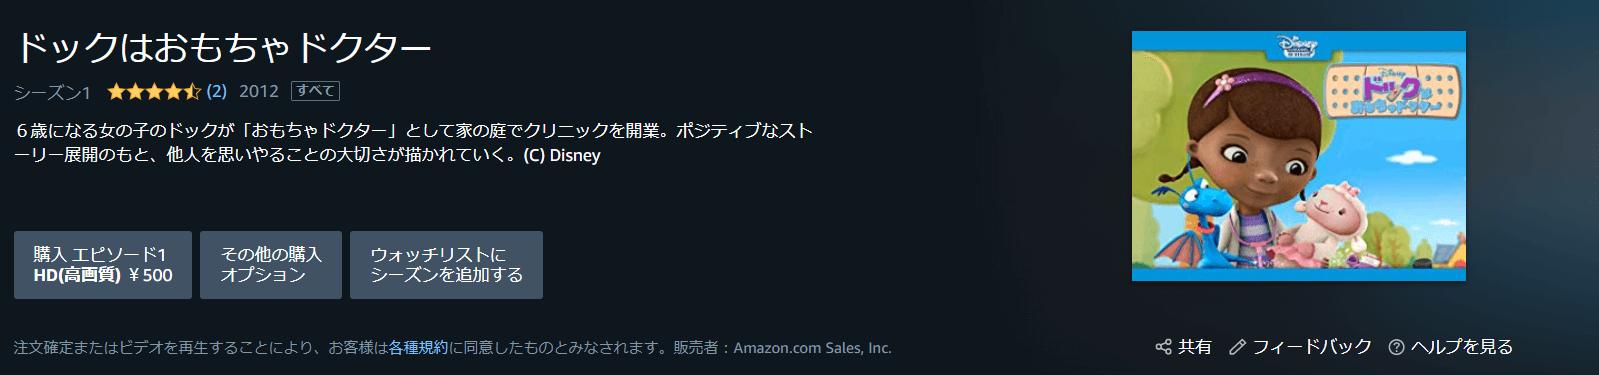 Amazonではドックとおもちゃドクターが配信中